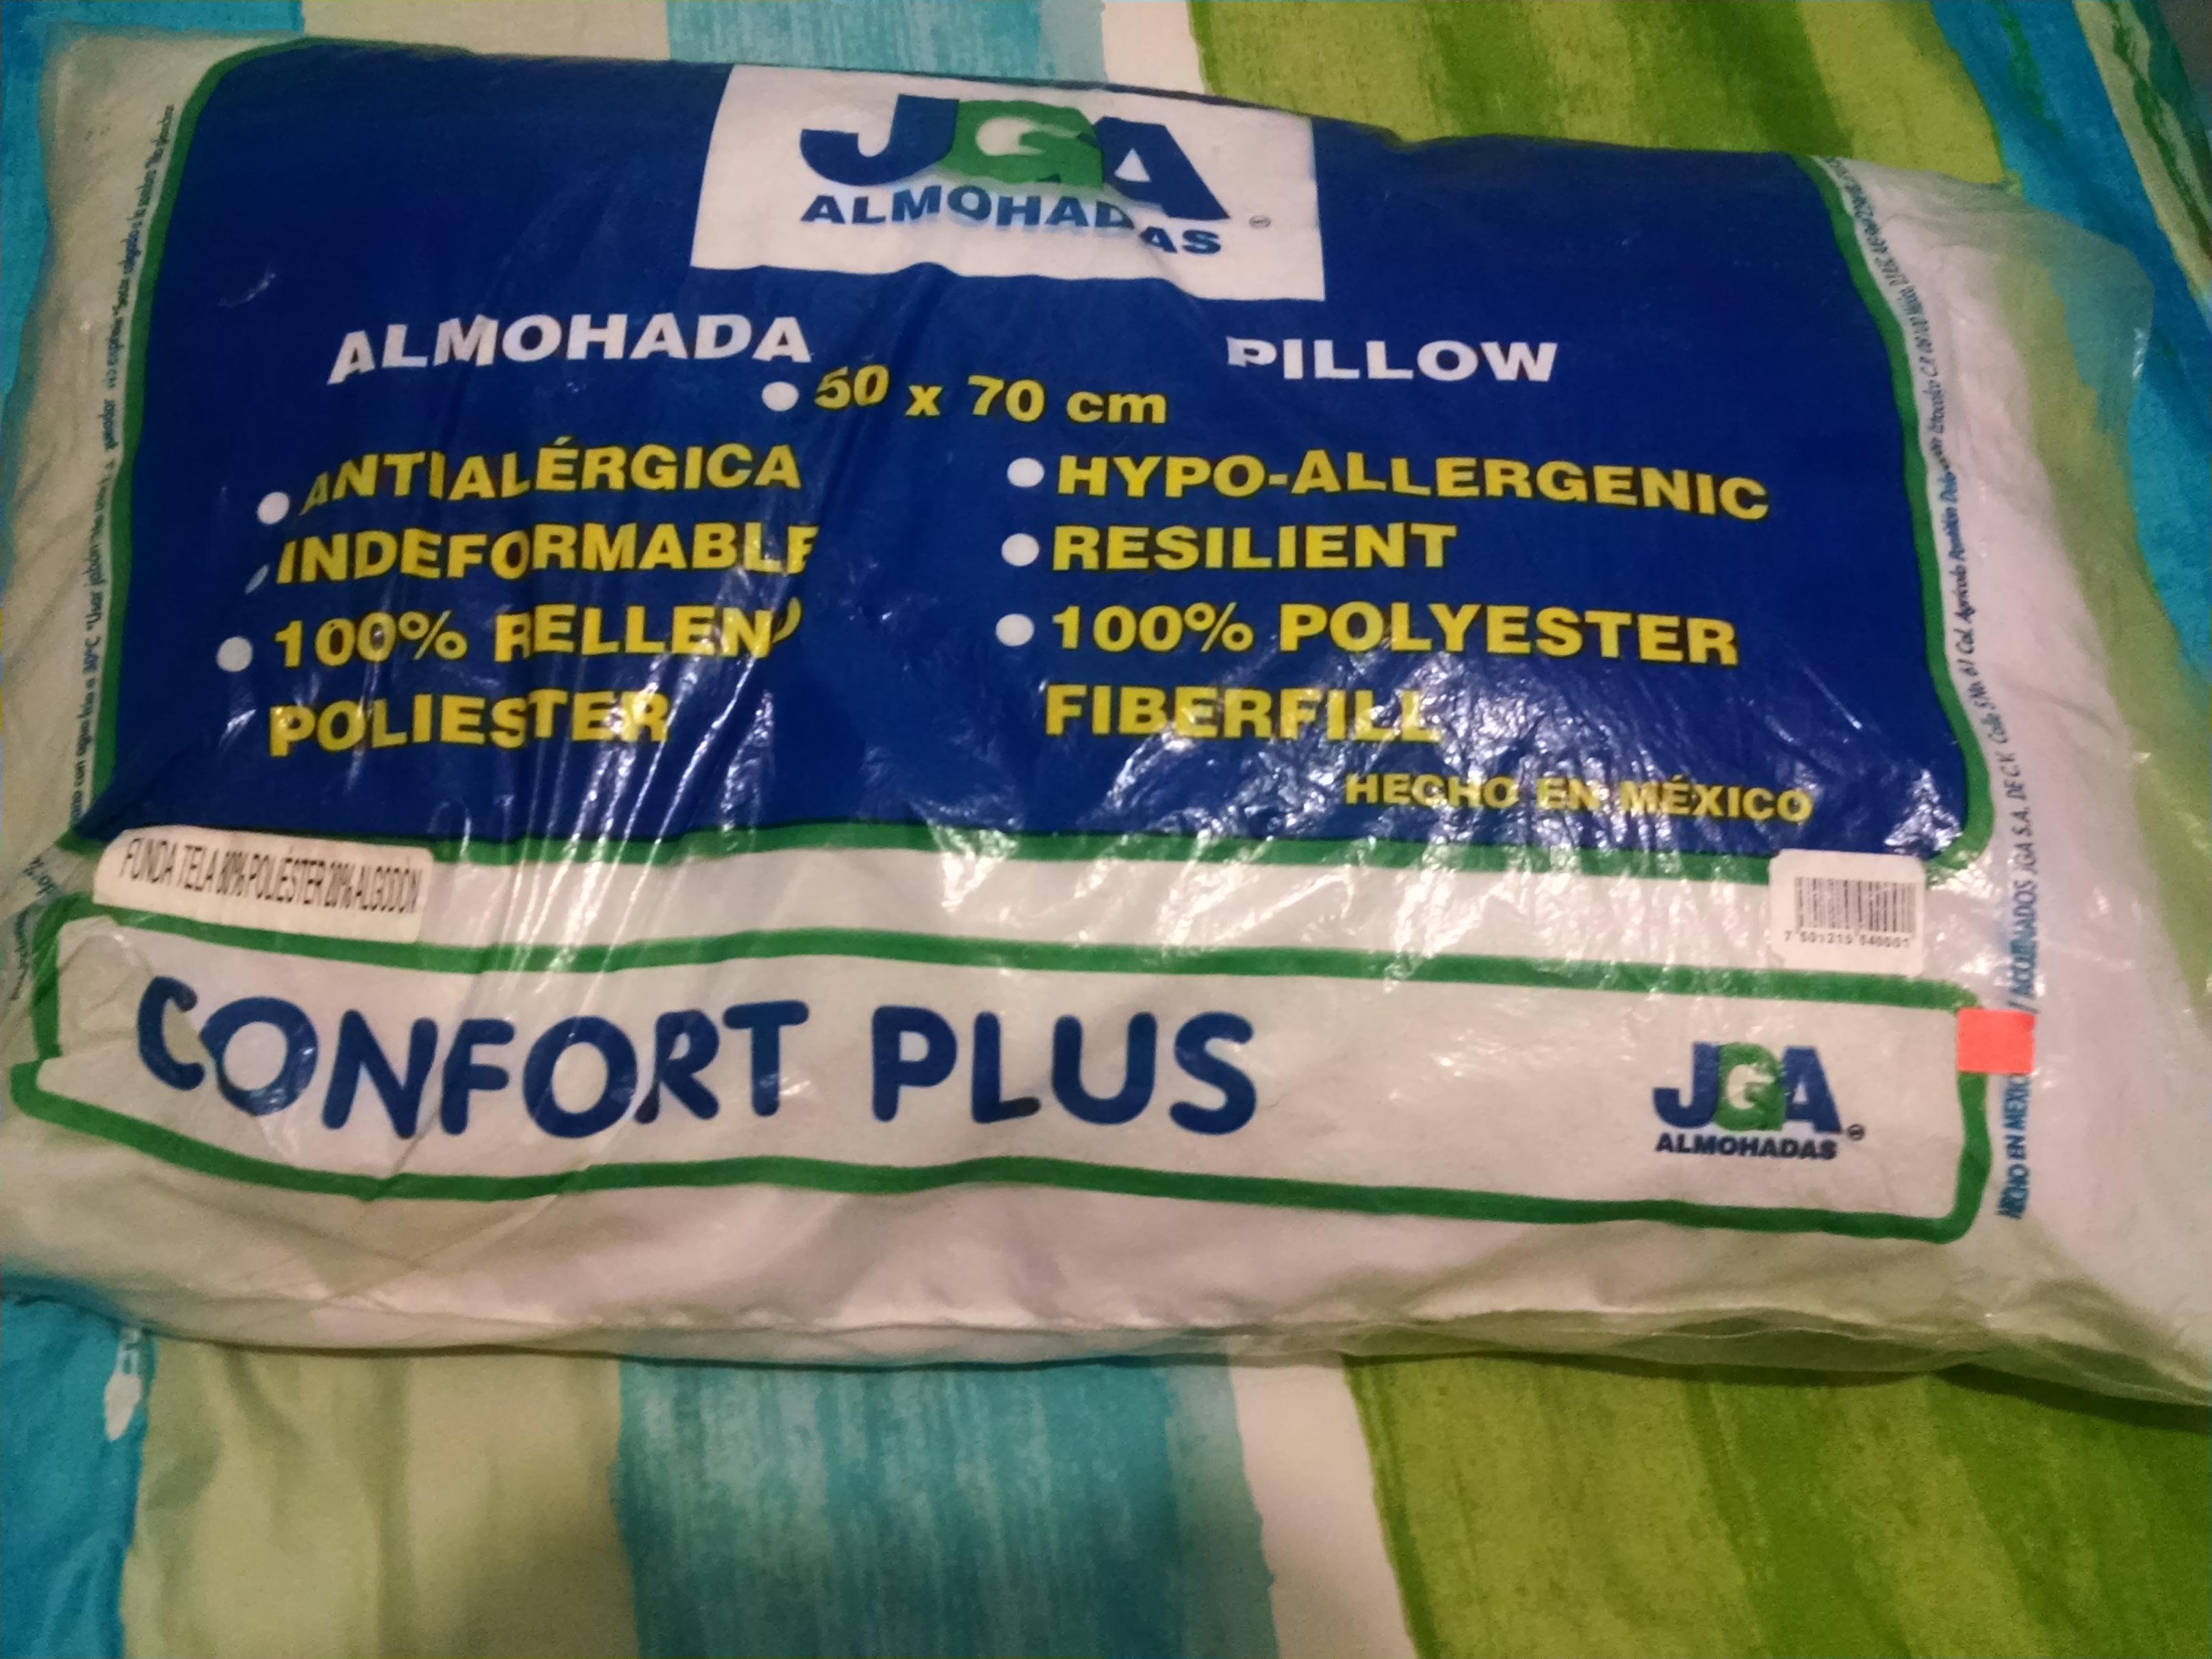 Mercado Soriana: Almohada en $15